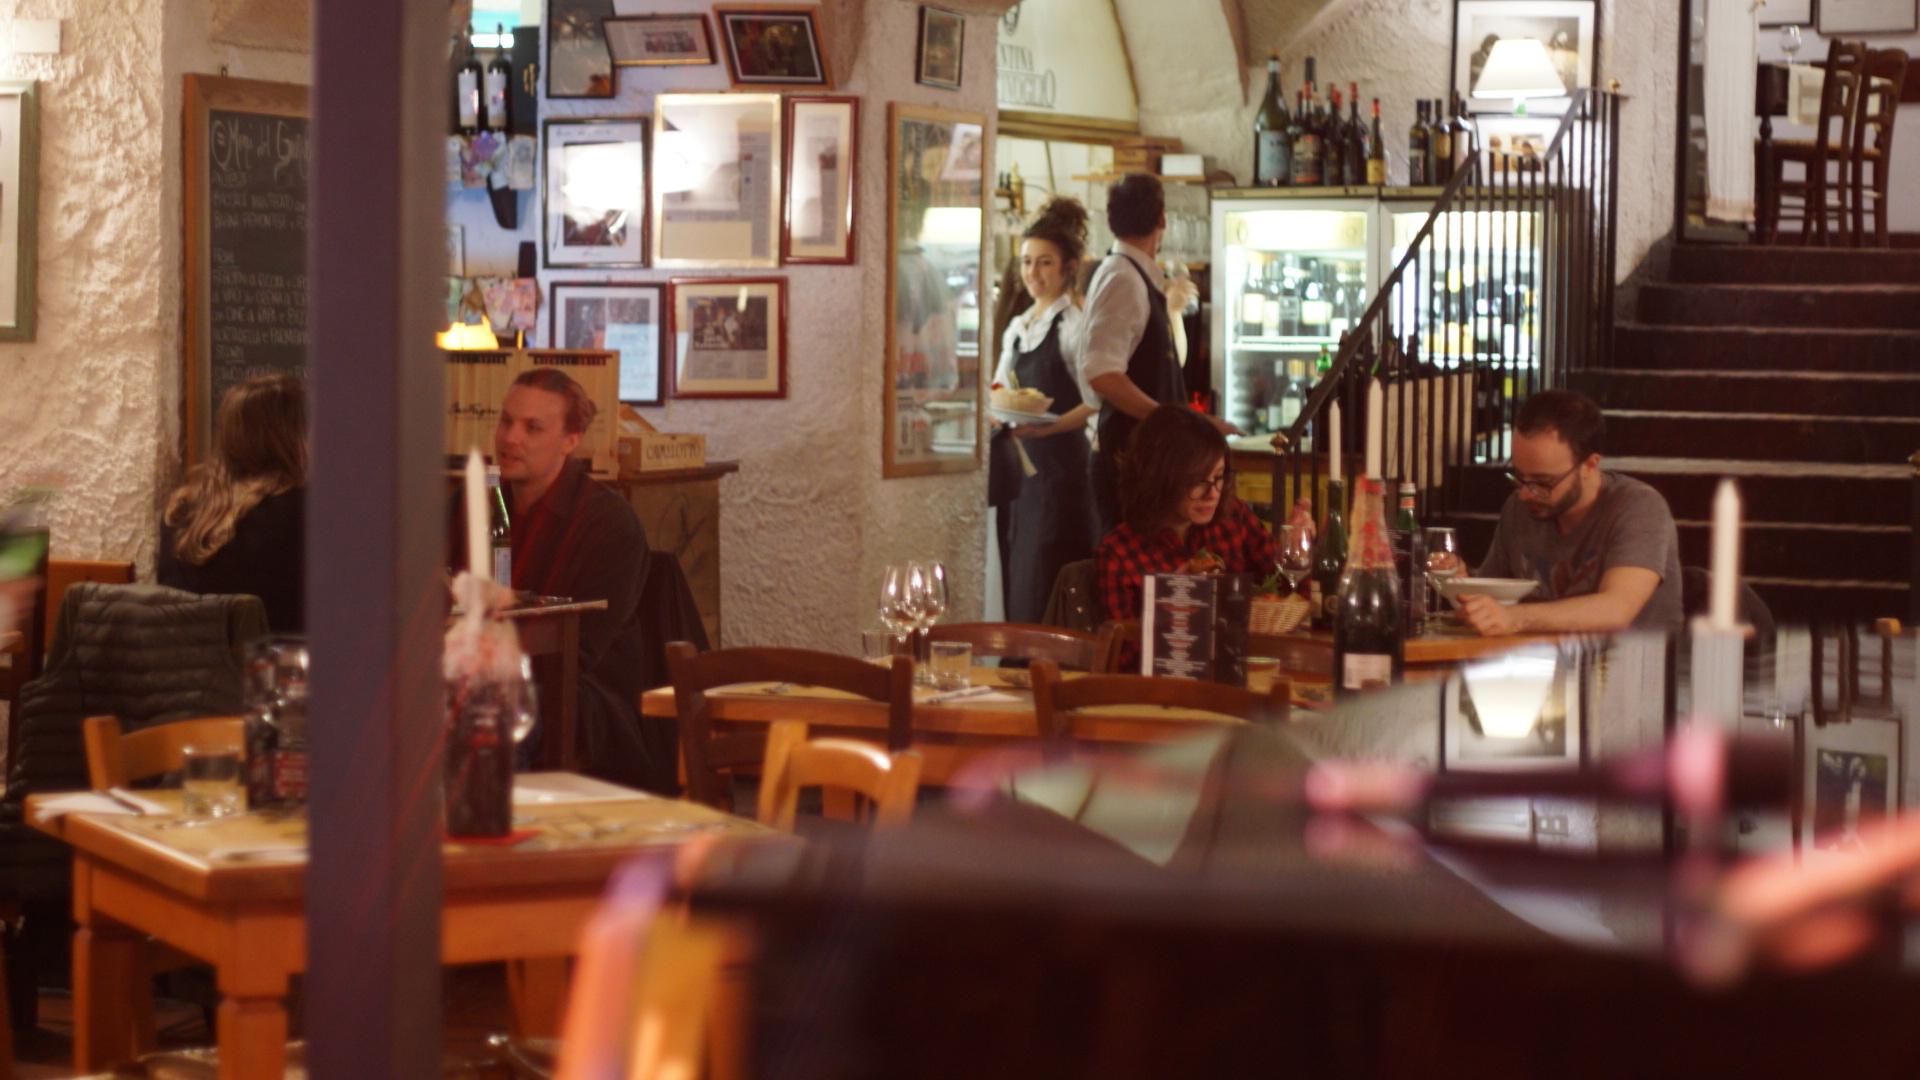 Nel menù tortelloni, tortellini e concerti di musica jazz, è la Cantina Bentivoglio: dal 1989 il meglio del jazz dal vivo in città